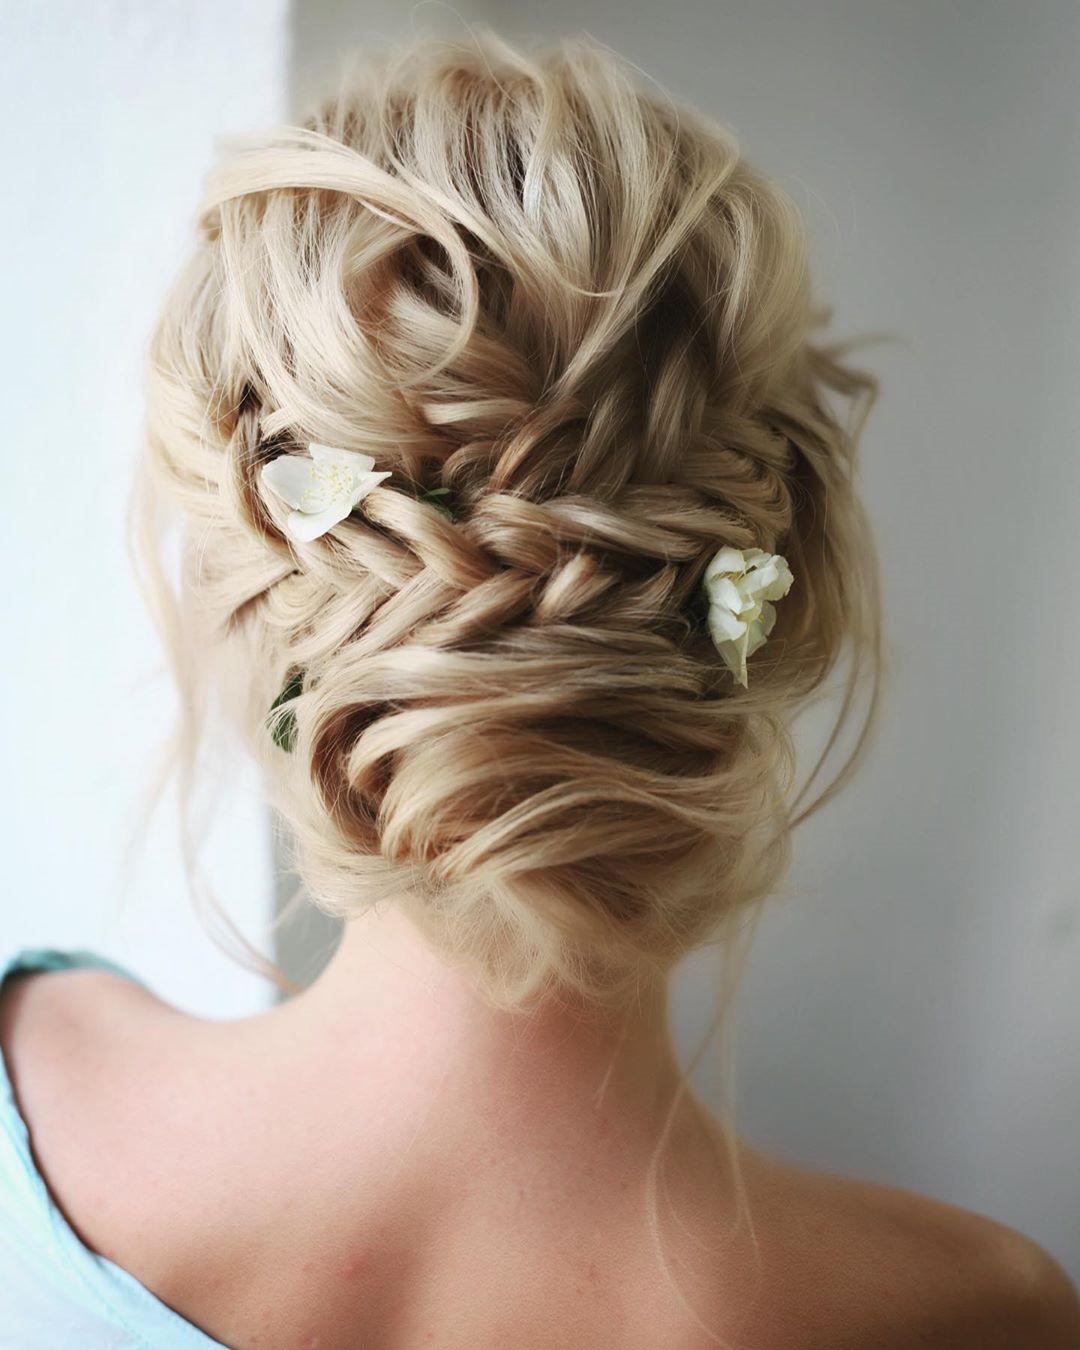 46 Gorgeous Updos Wedding Hairstyles ideas